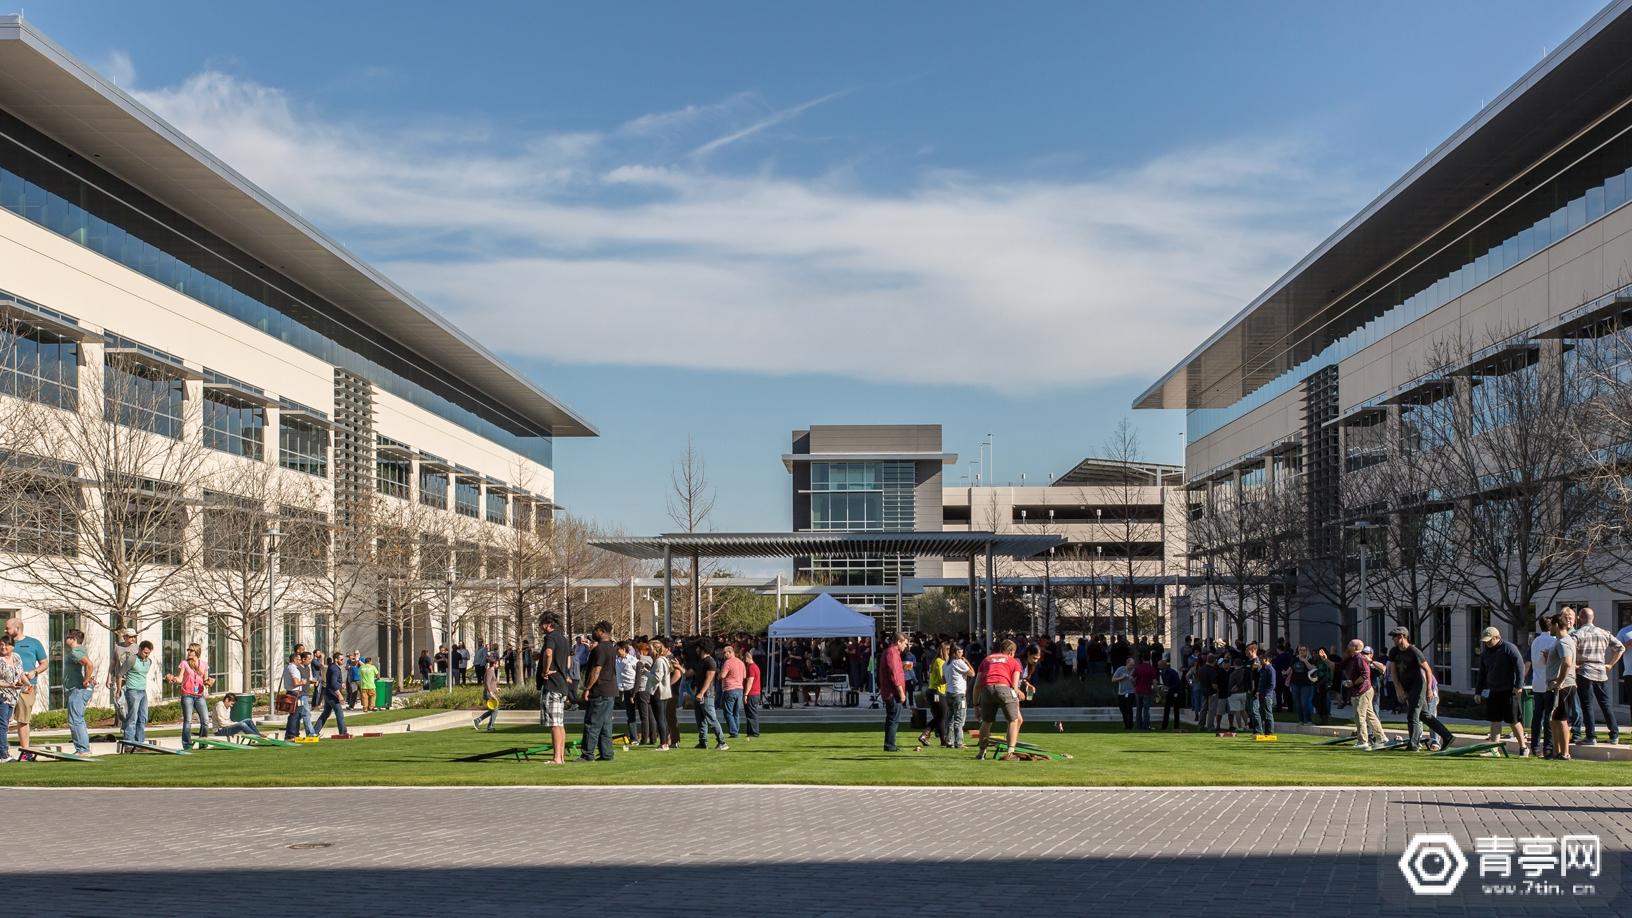 苹果投资10亿美元新建奥斯汀园区,增加当地就业机会